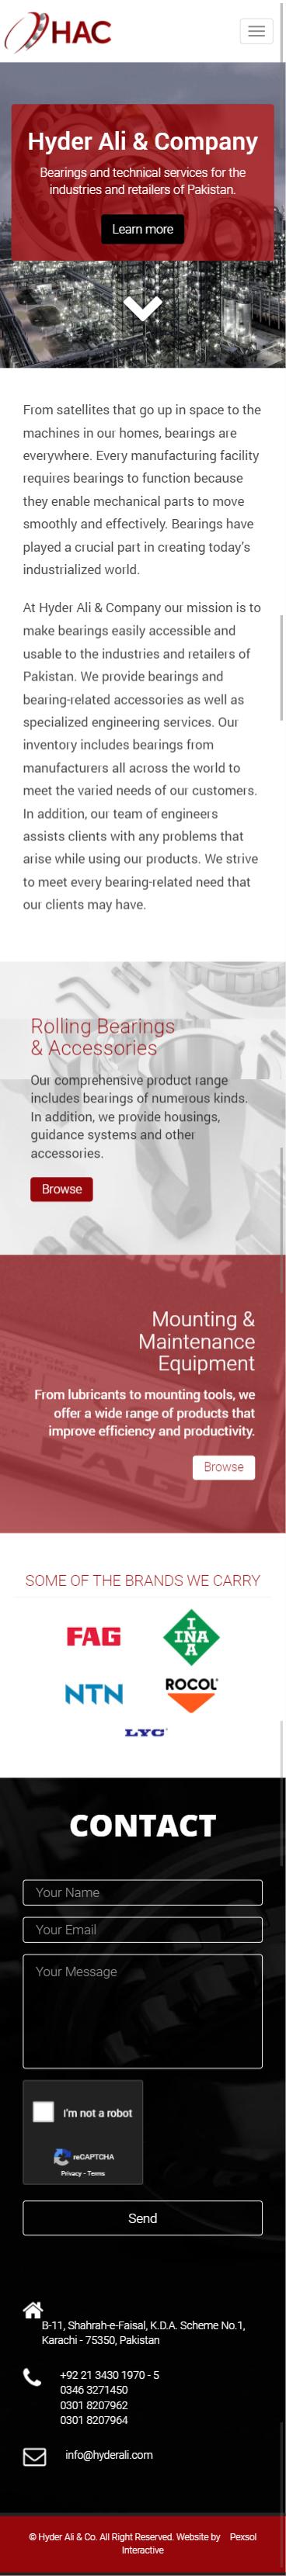 Hyder Ali & Co Website Mobile Mockup 1